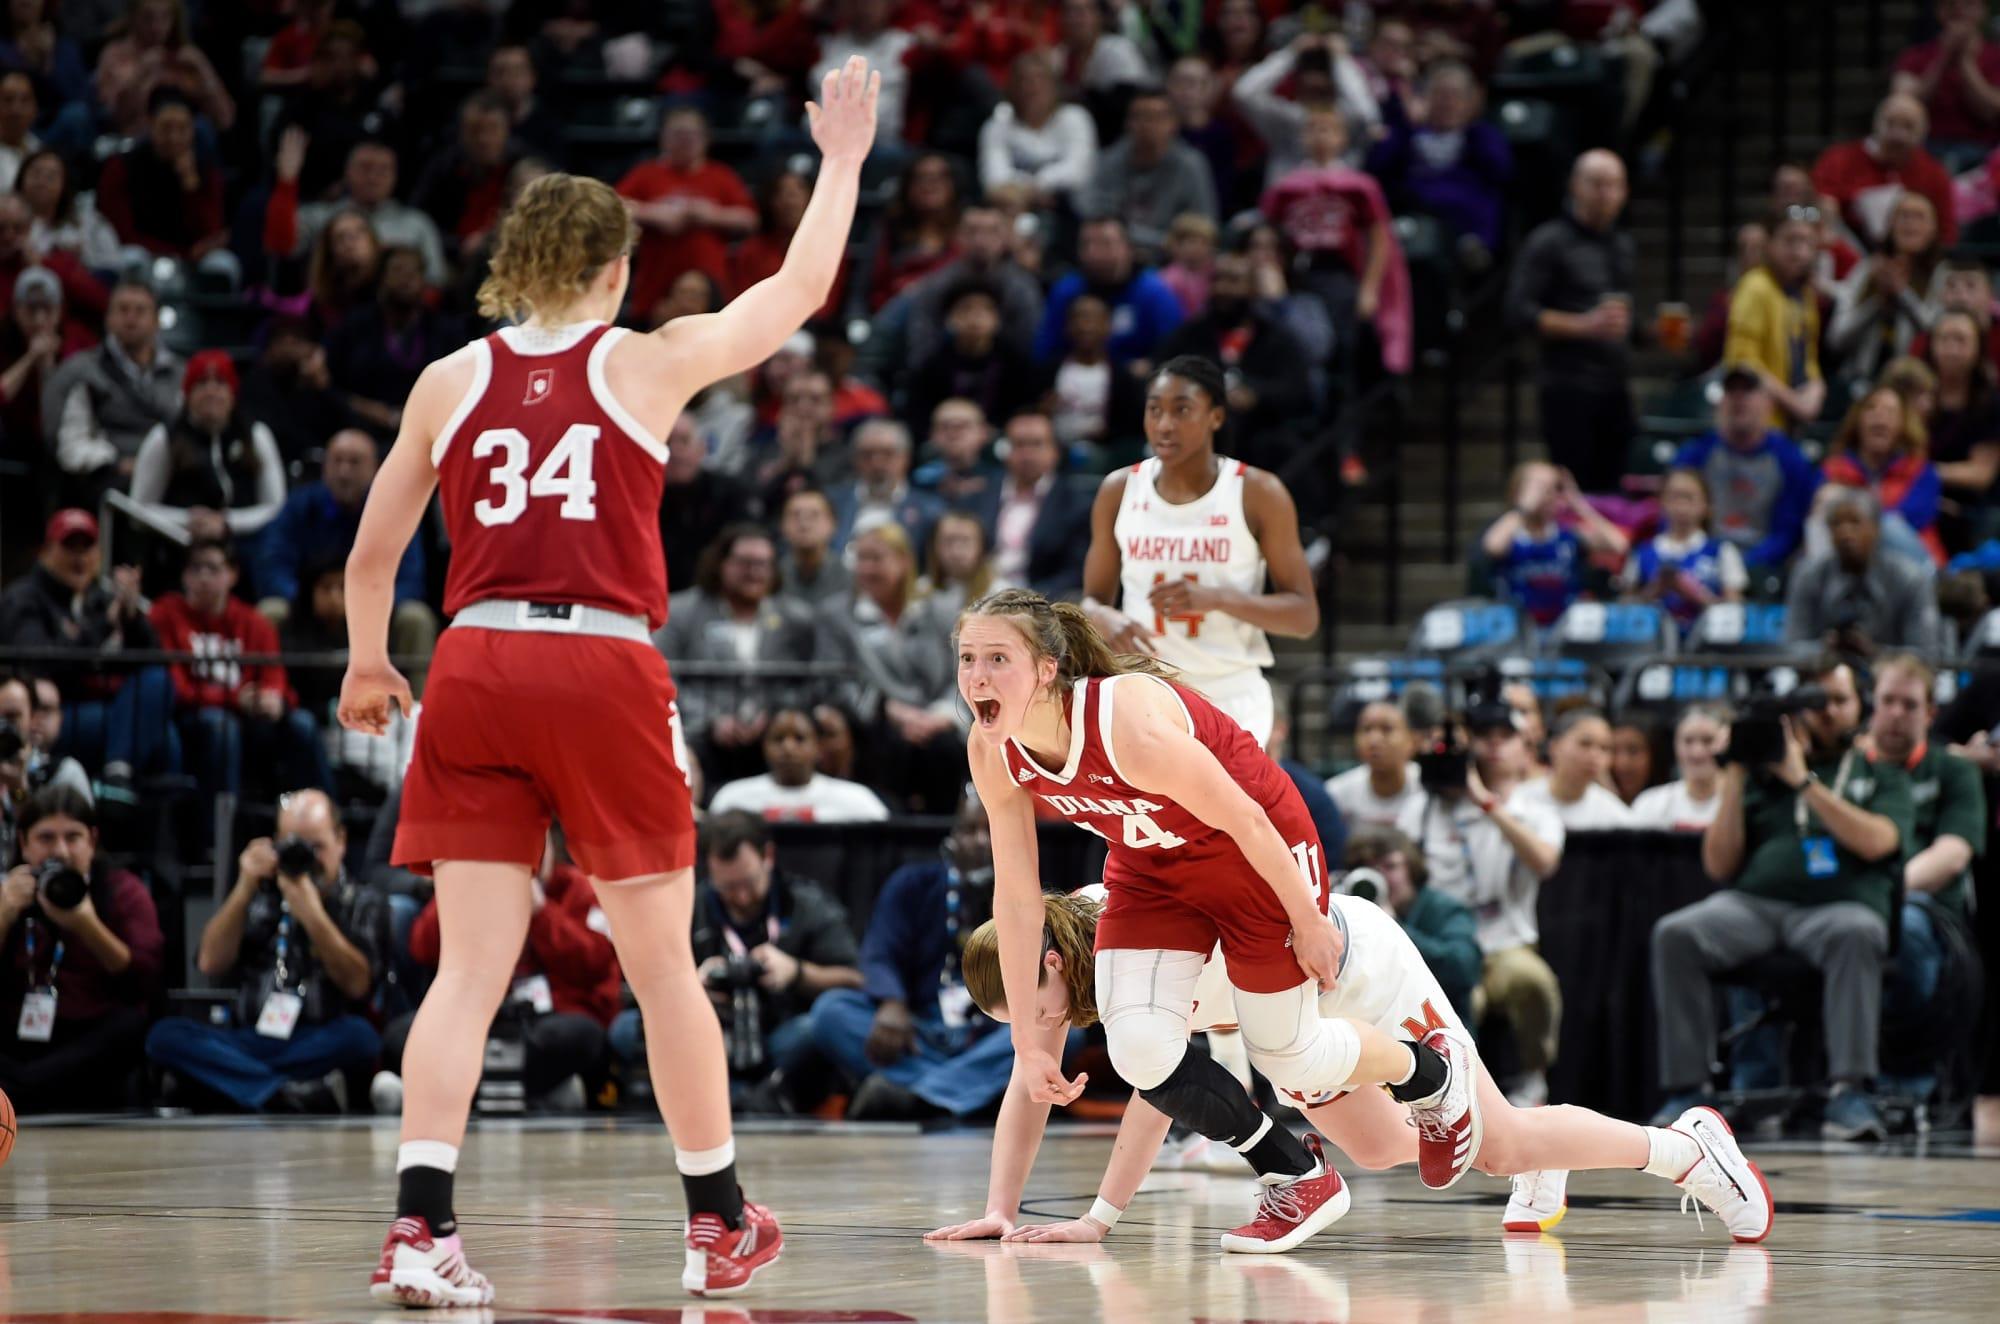 Pitt womens basketball off to 4-1 start